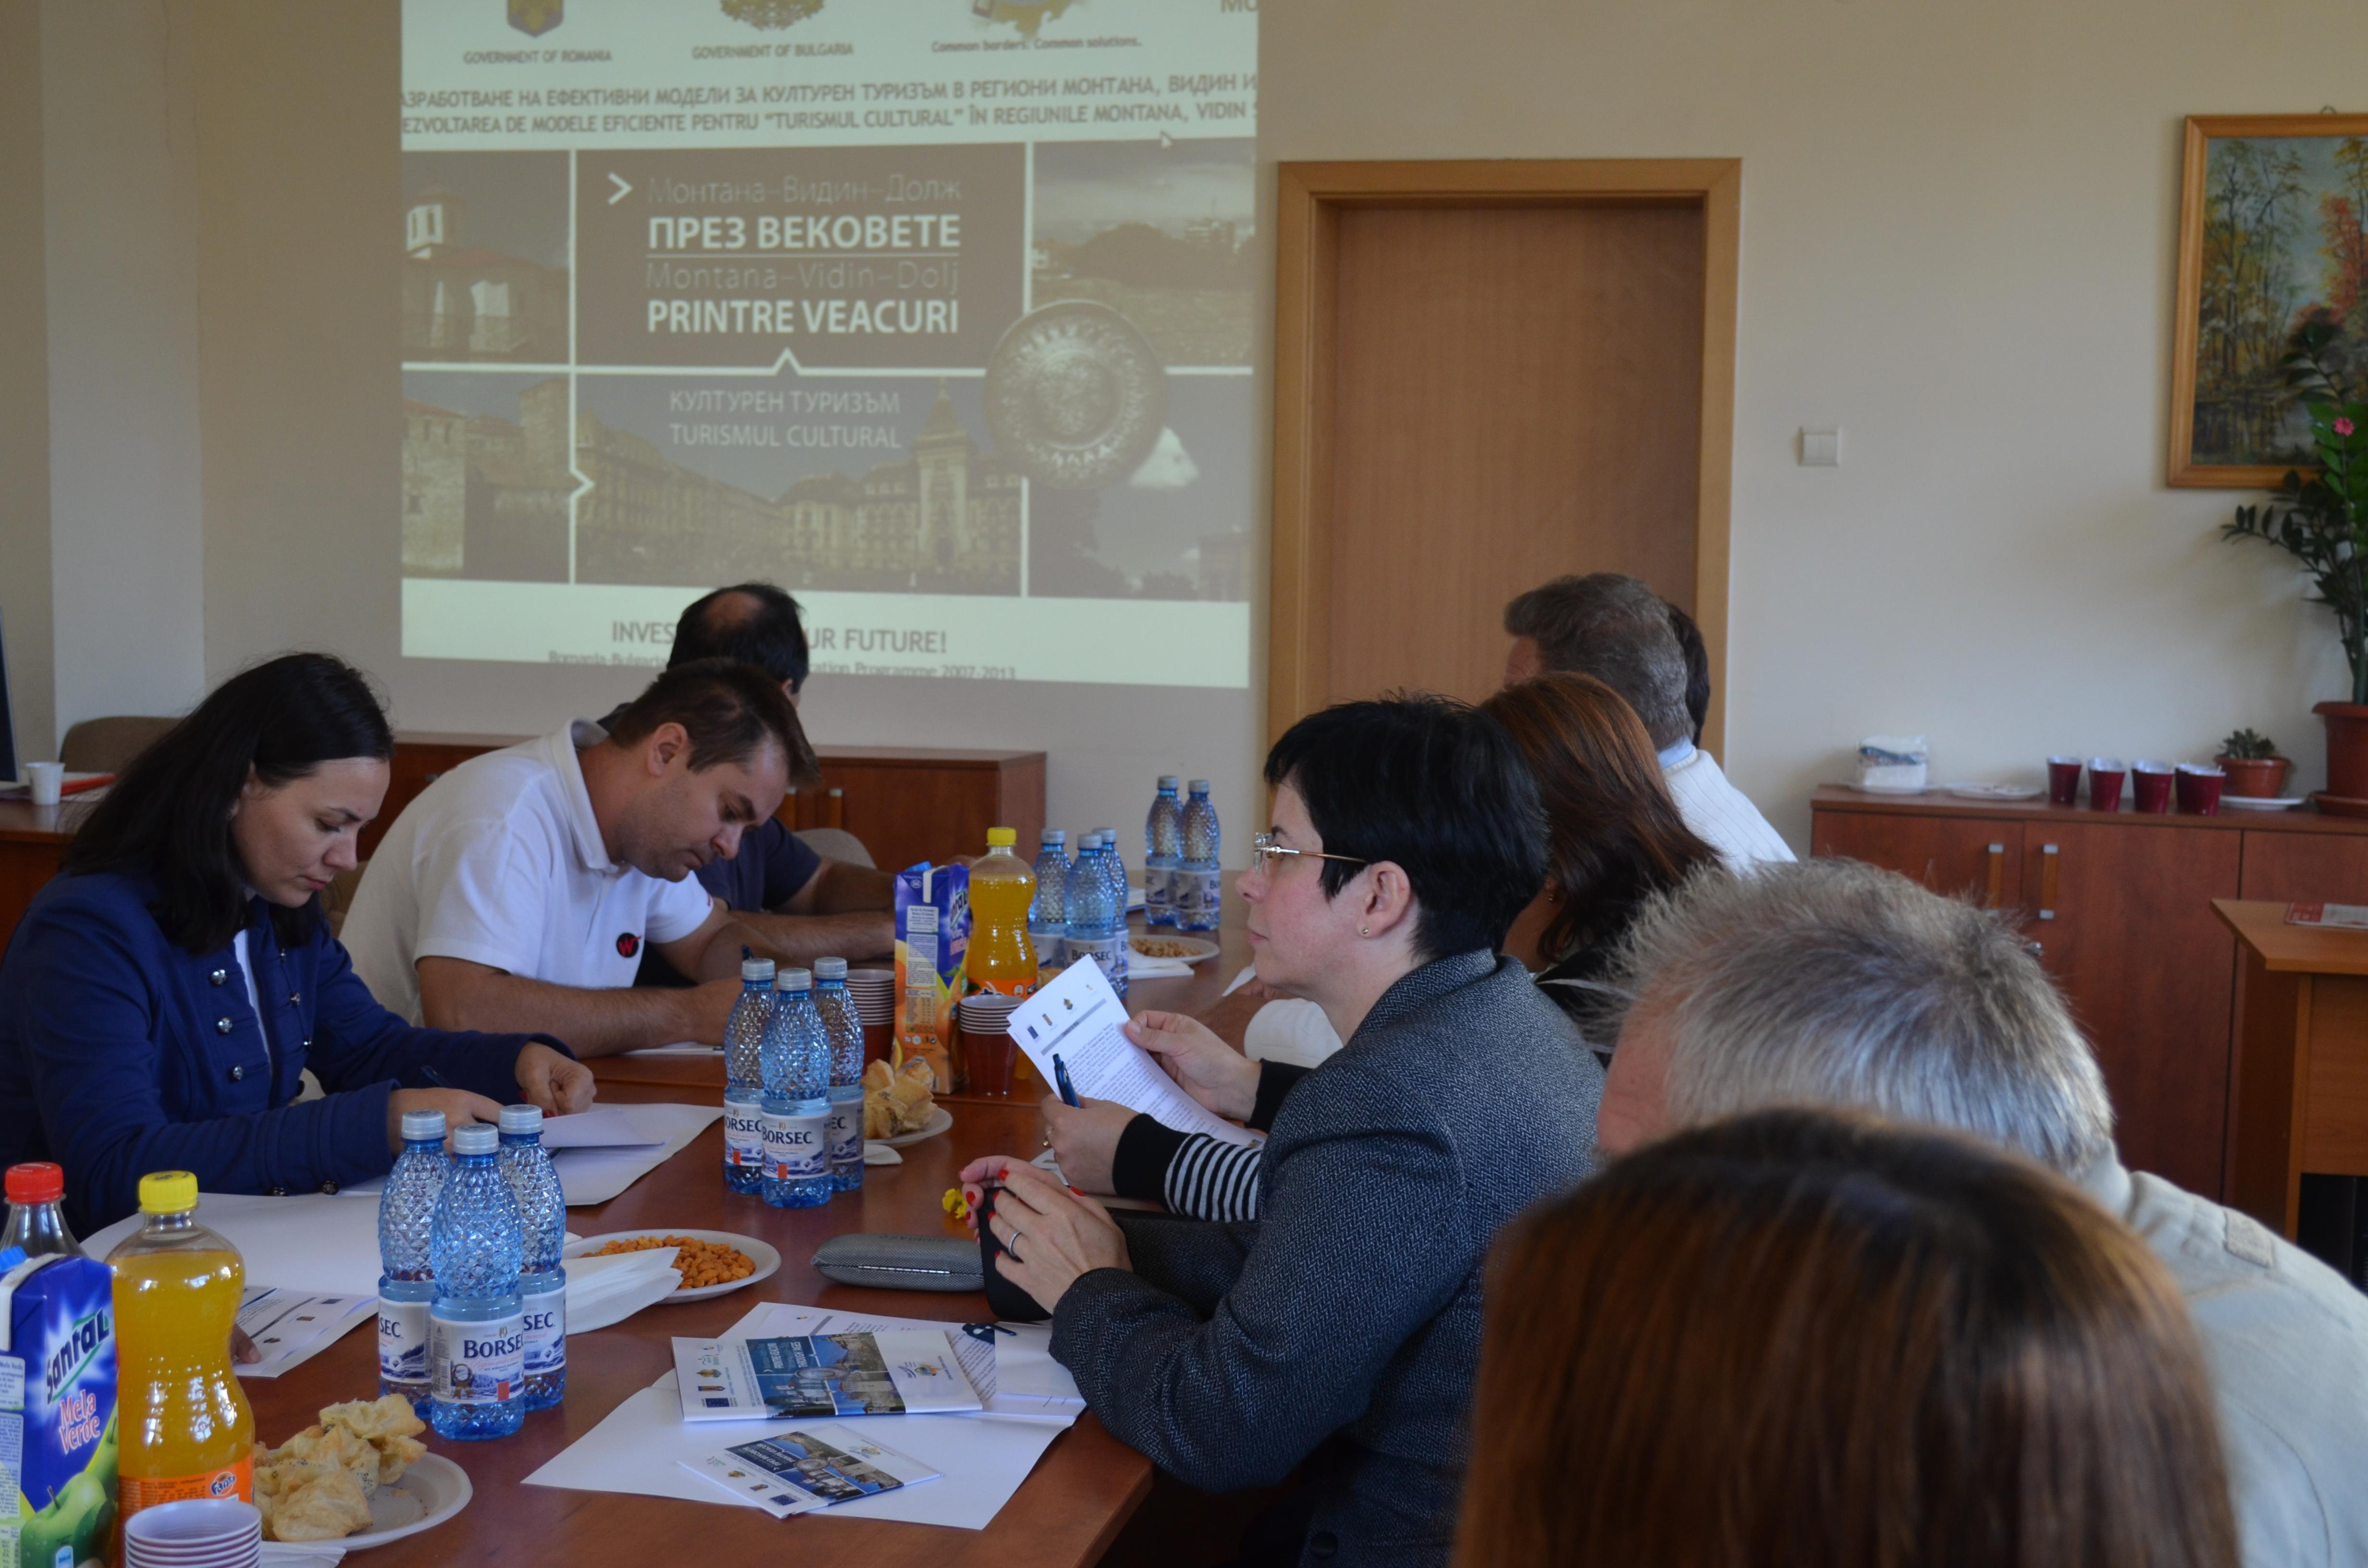 """Conferinta de presa """"Dezvoltarea de modele eficiente pentru turismul cultural în regiunile Montana, Vidin și Dolj"""""""